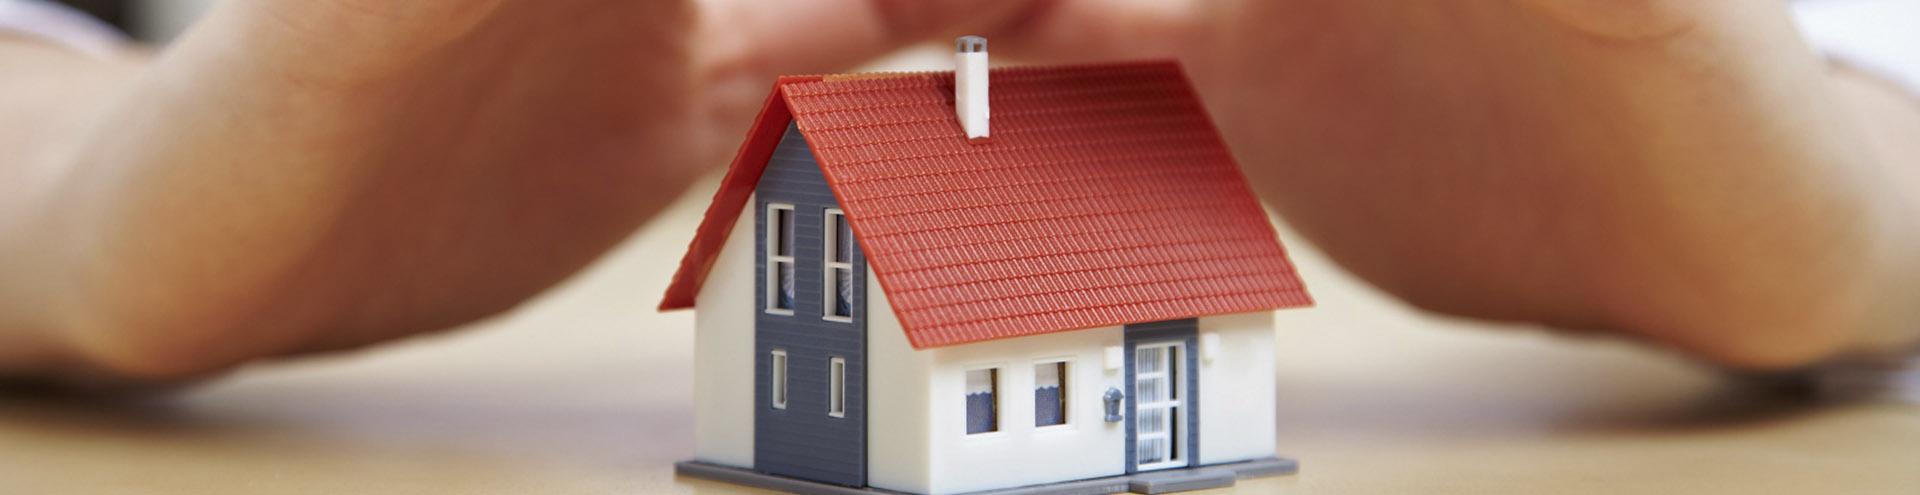 Жилищные споры, разрешение жилищных споров в Липецке и Липецкой области